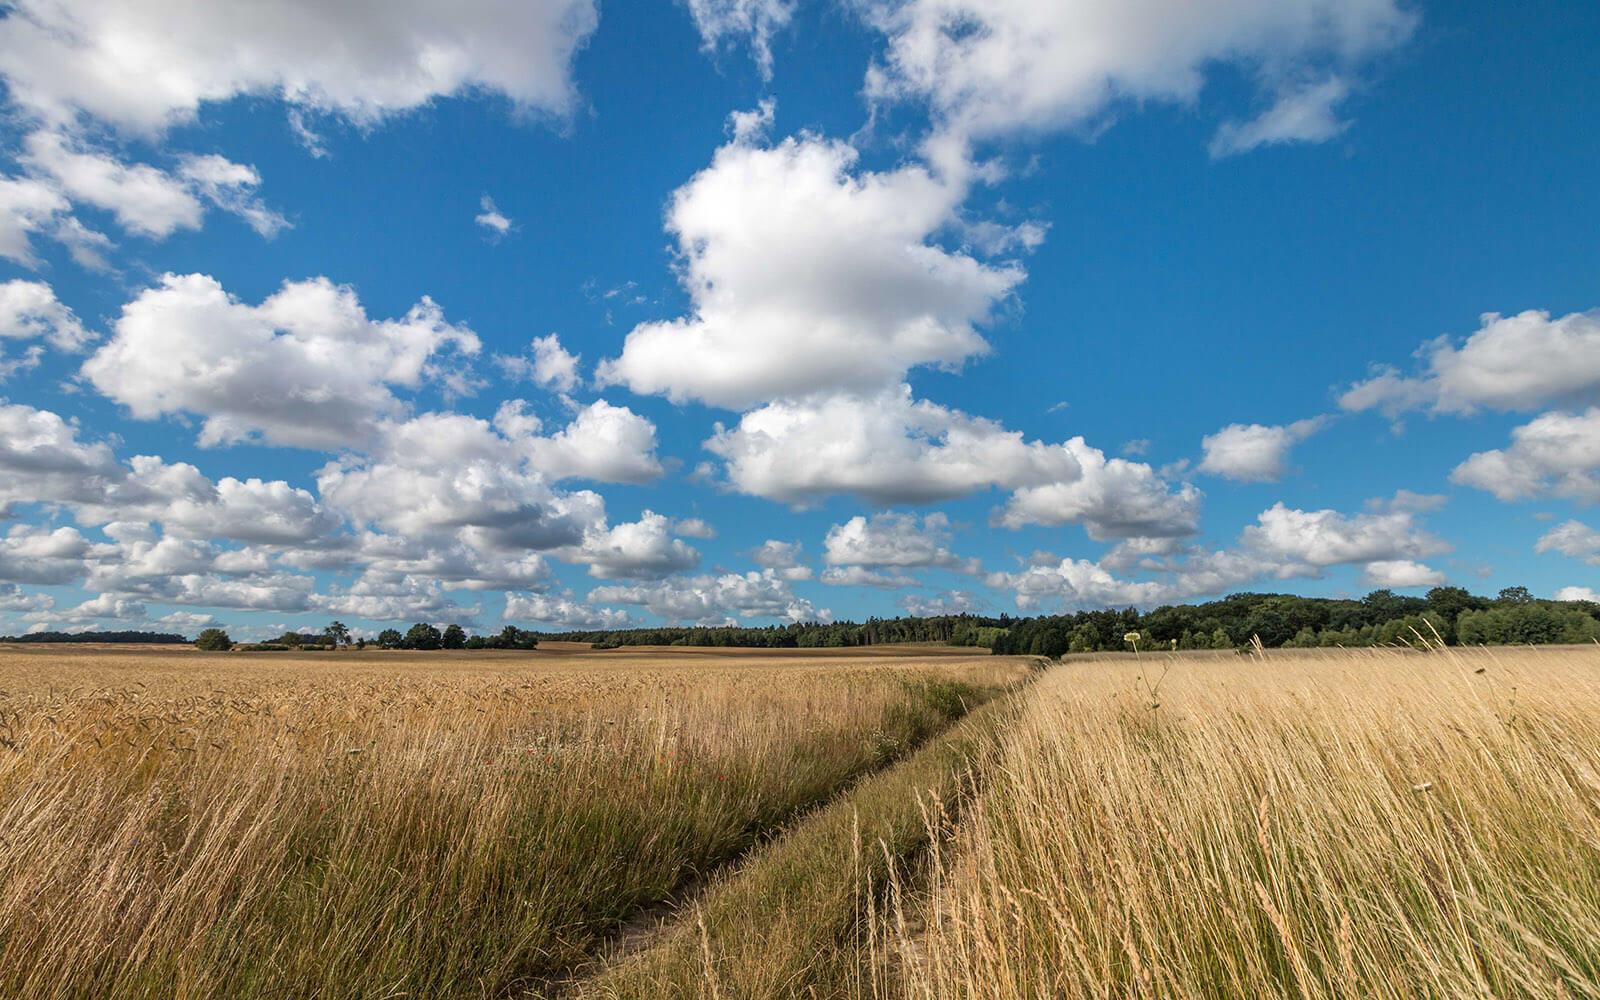 Krajobrazy nawyspie wolin koło wsi Mokrzyca Wielka